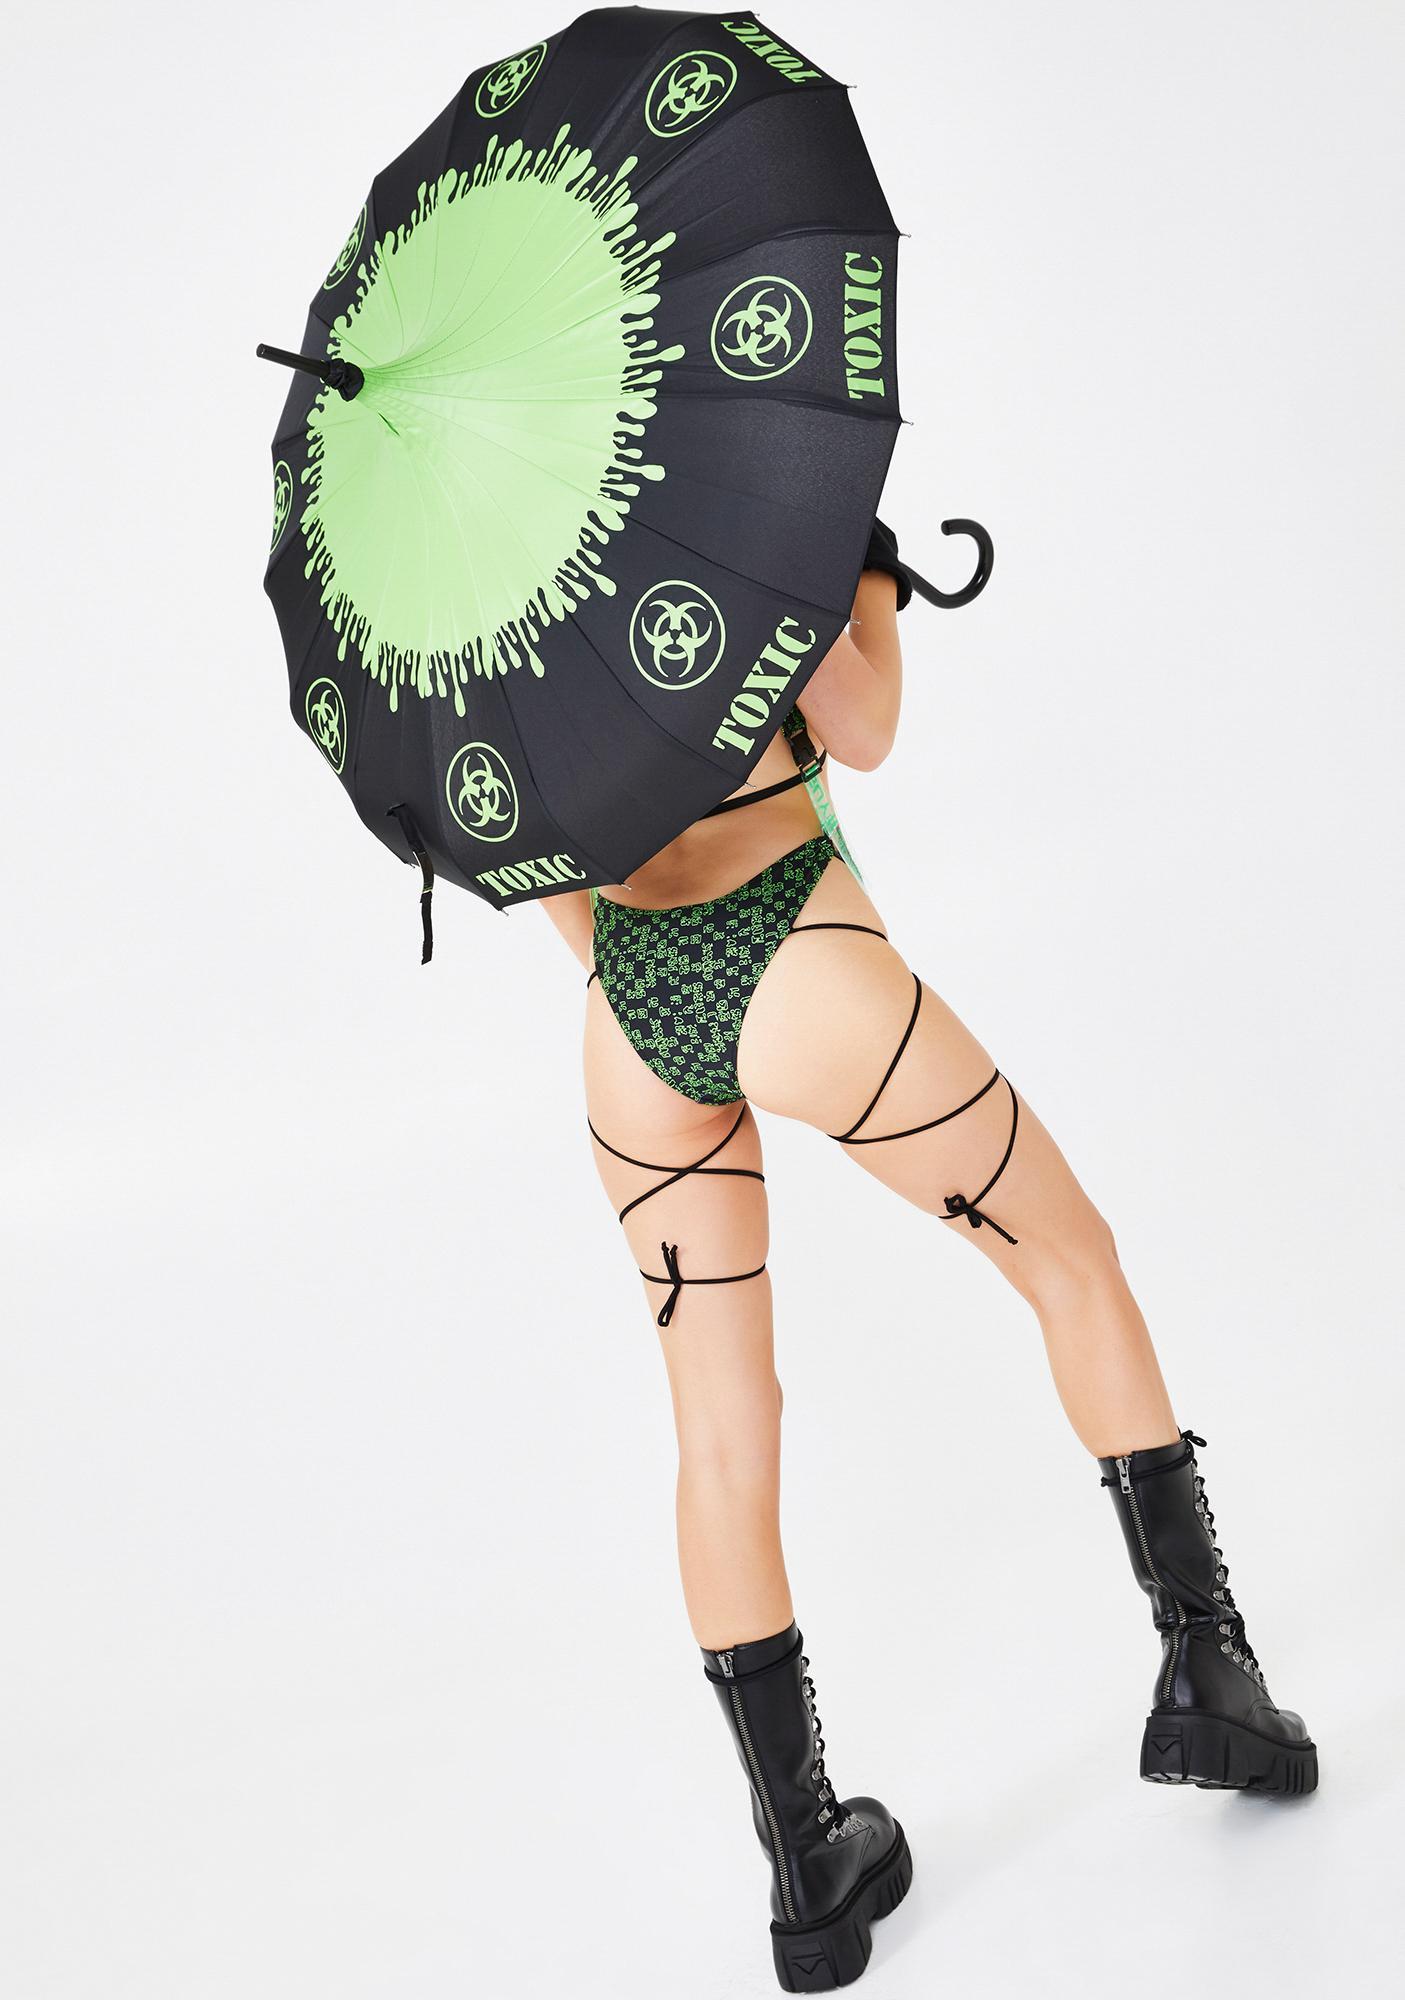 Danger Shield Toxic Umbrella